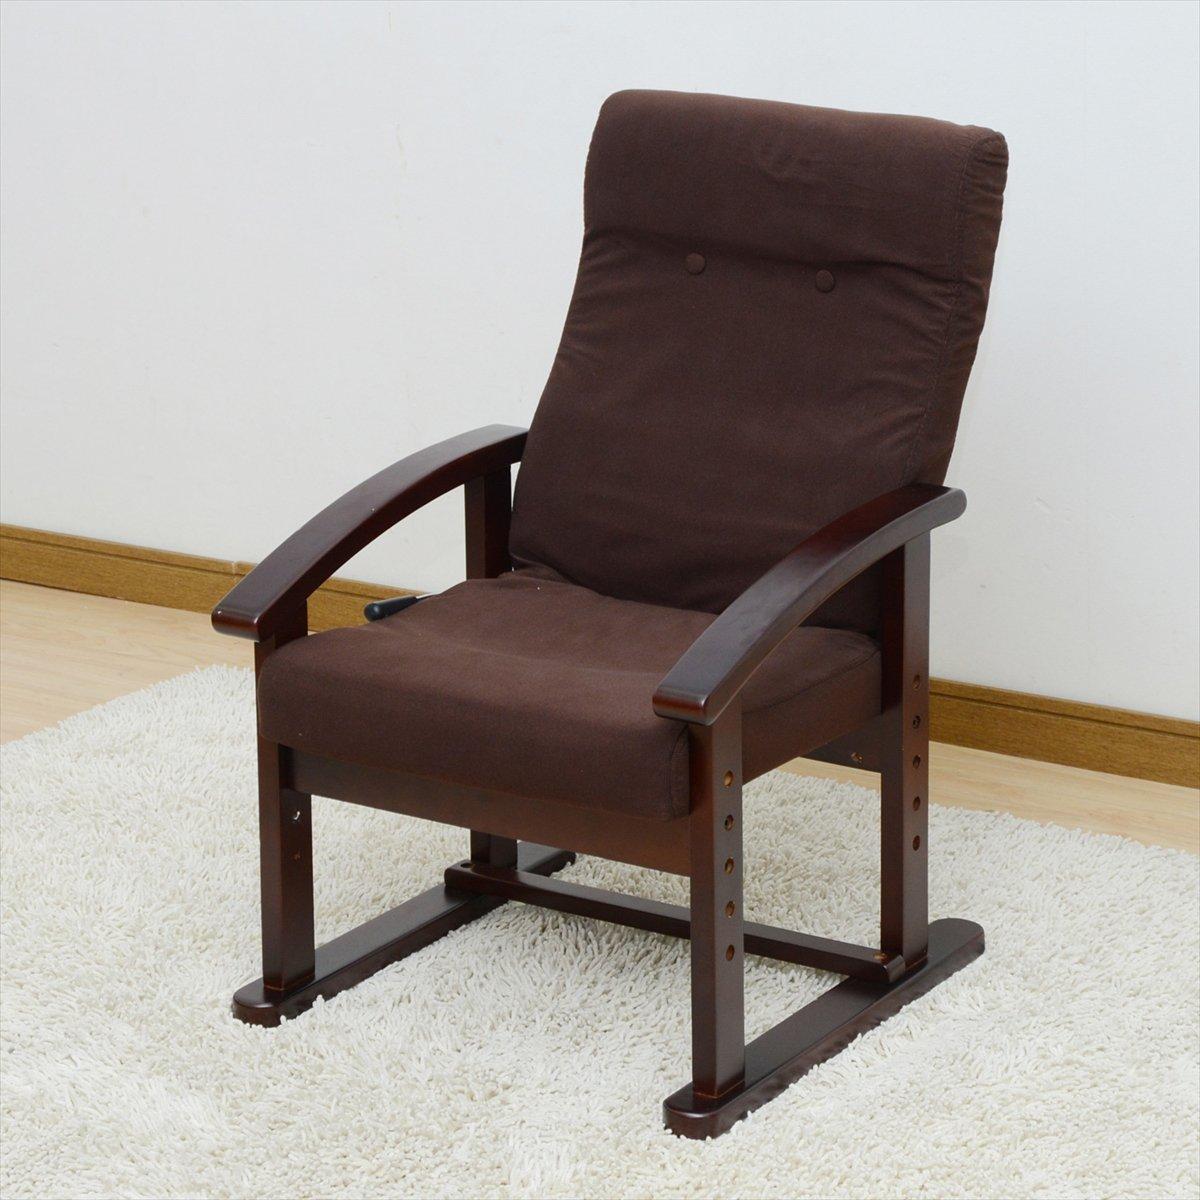 山善(YAMAZEN) レバー式リクライニング高座椅子 ダークブラウン WLZ-53M(DBR) B0145YK24U